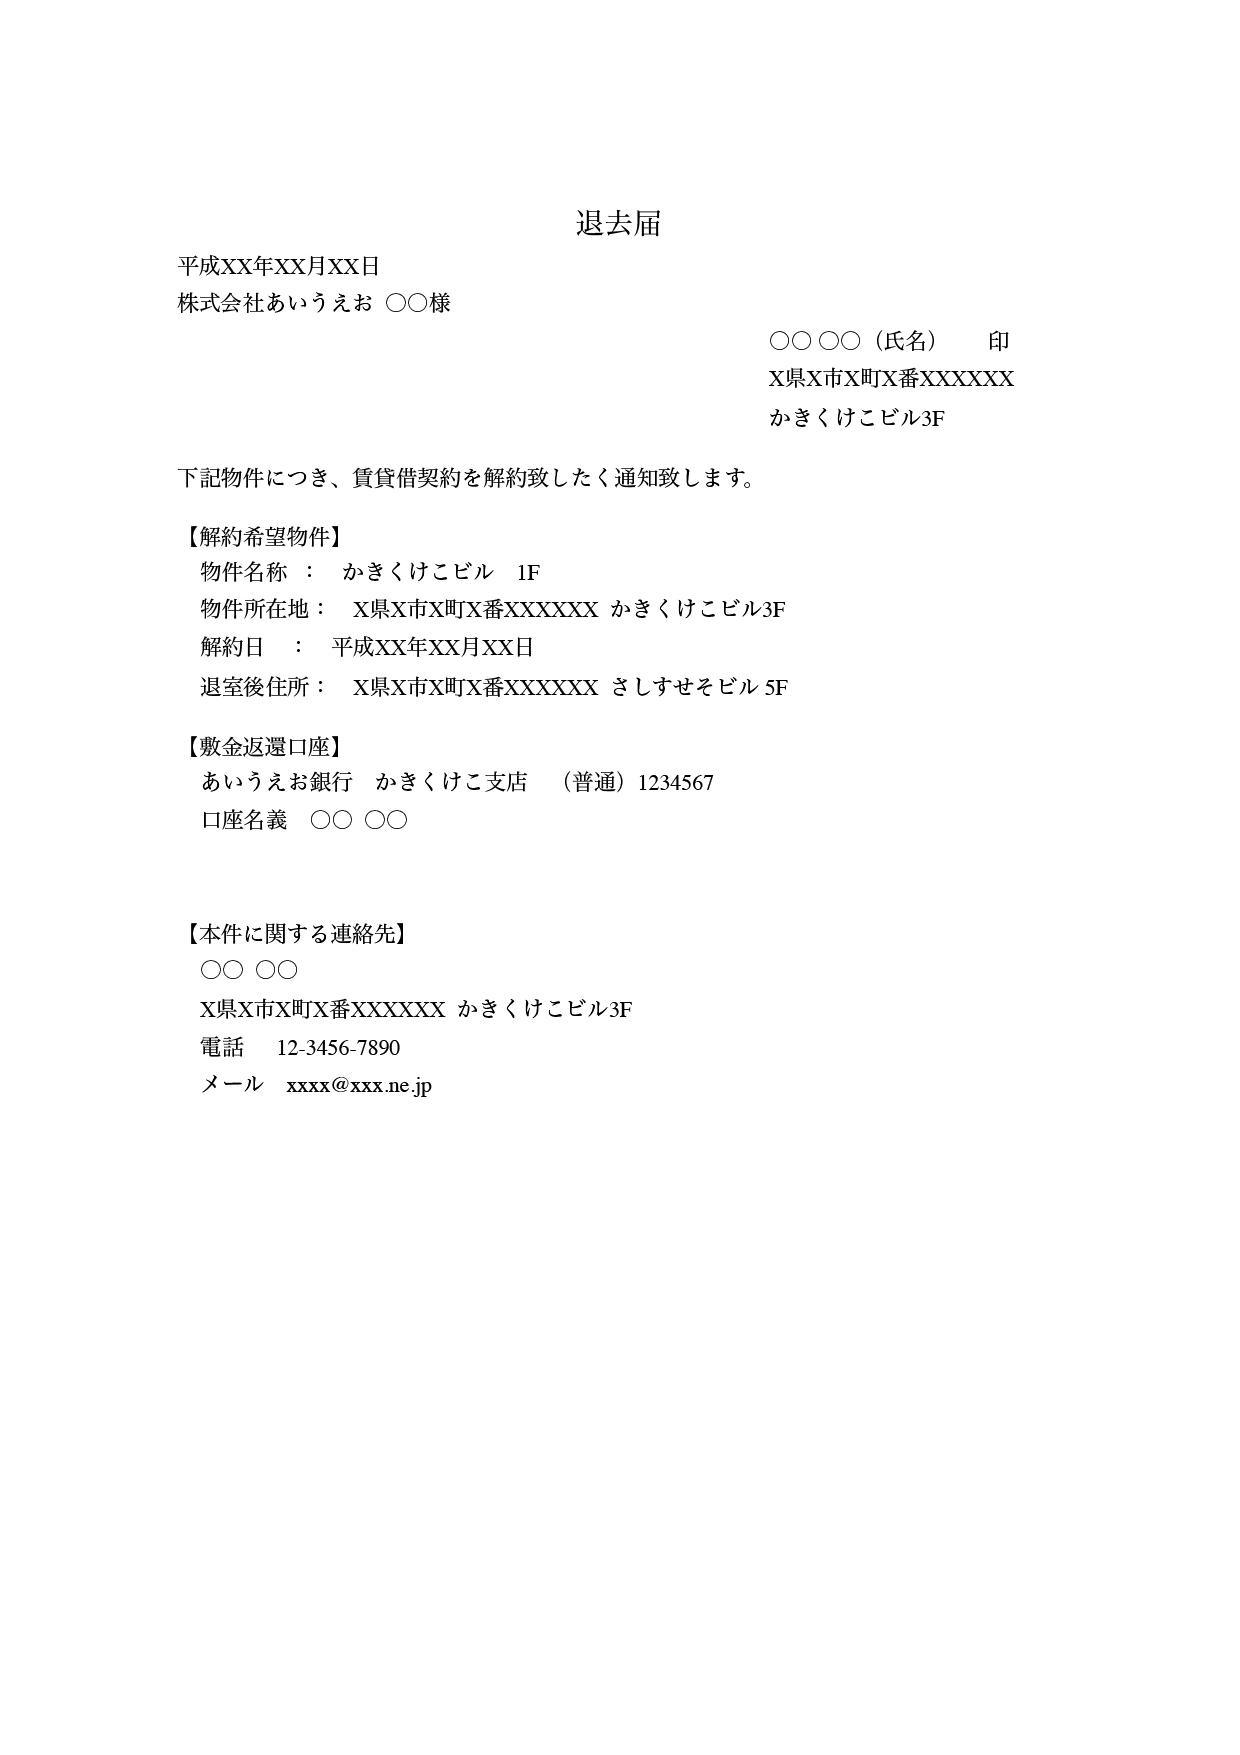 退去届け テンプレート(ワード・ページズ)